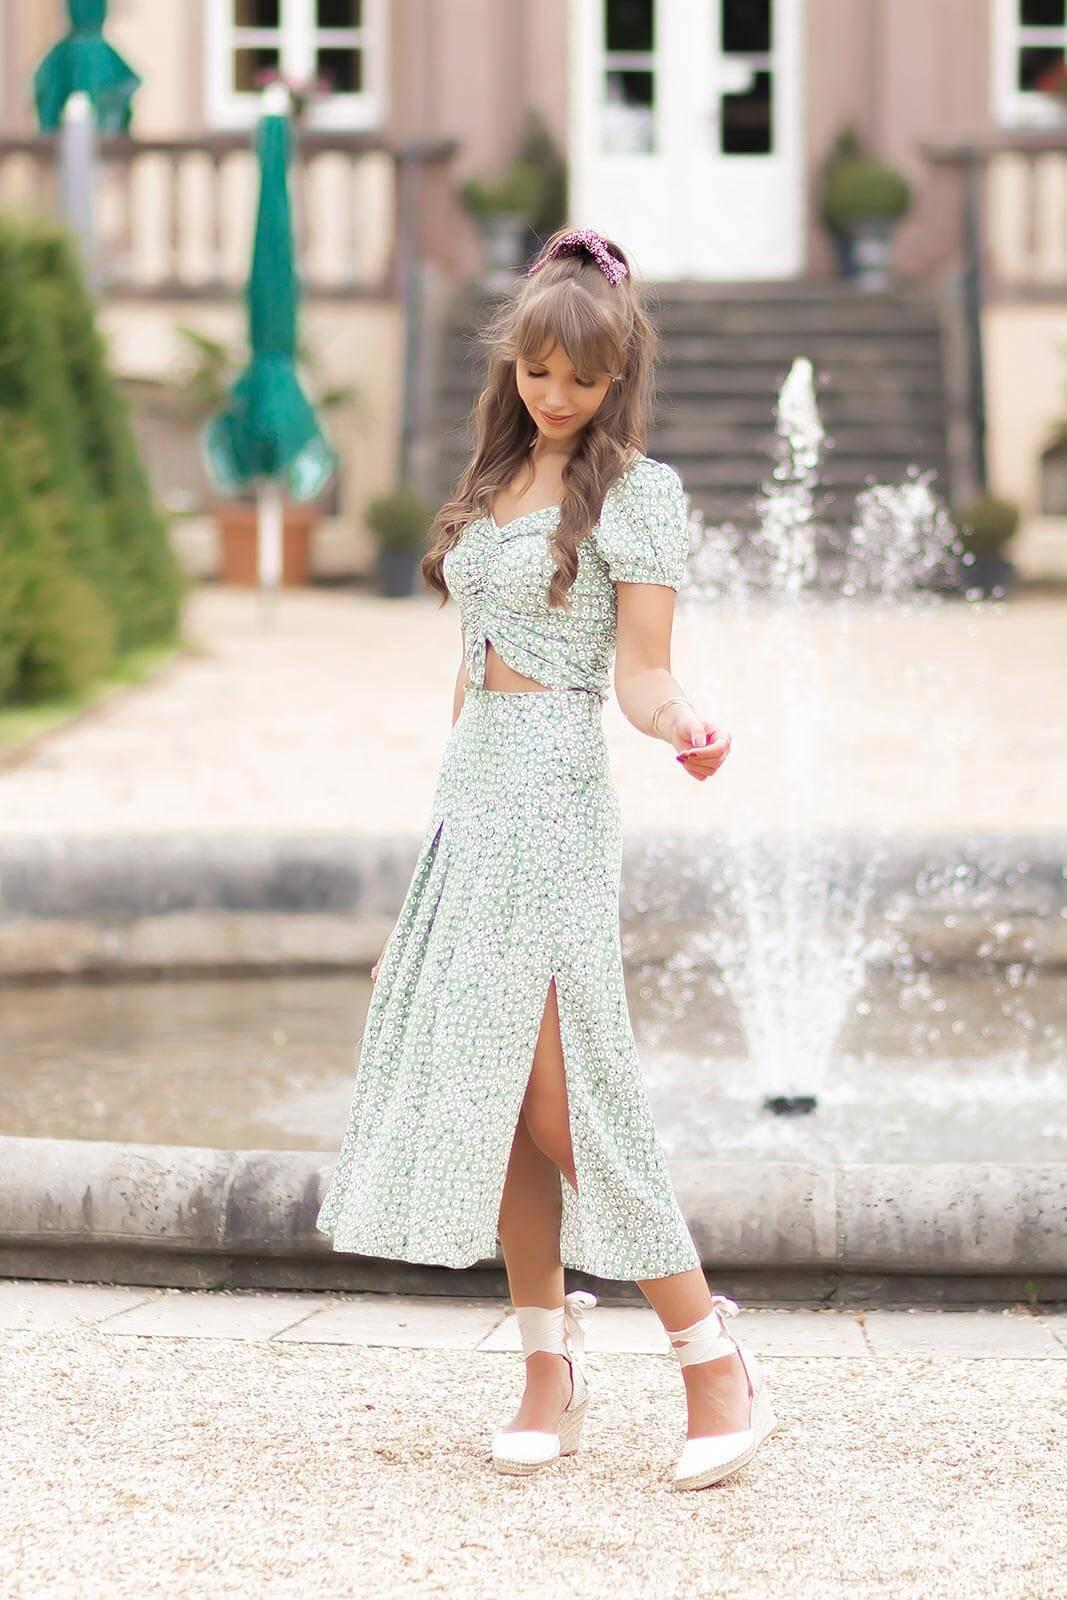 Zweiteiler im Sommer, Kleidertrend, Zweiteilige Kleider stylen, Sommertrend 2020, Kleider in Pastellfarben, Shoelove by Deichmann